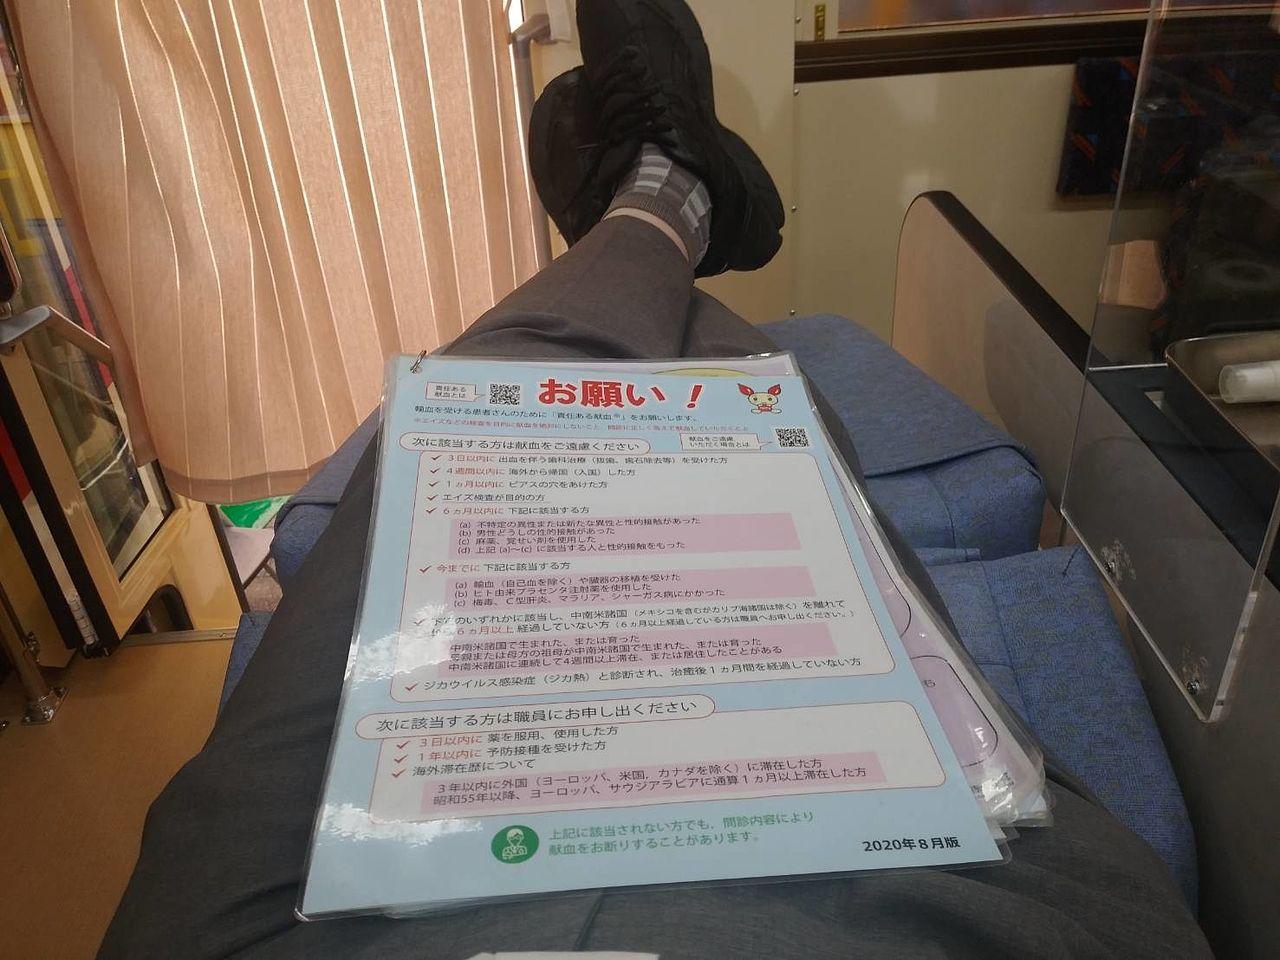 献血をするためには、いくつかの項目をクリアする必要があります。